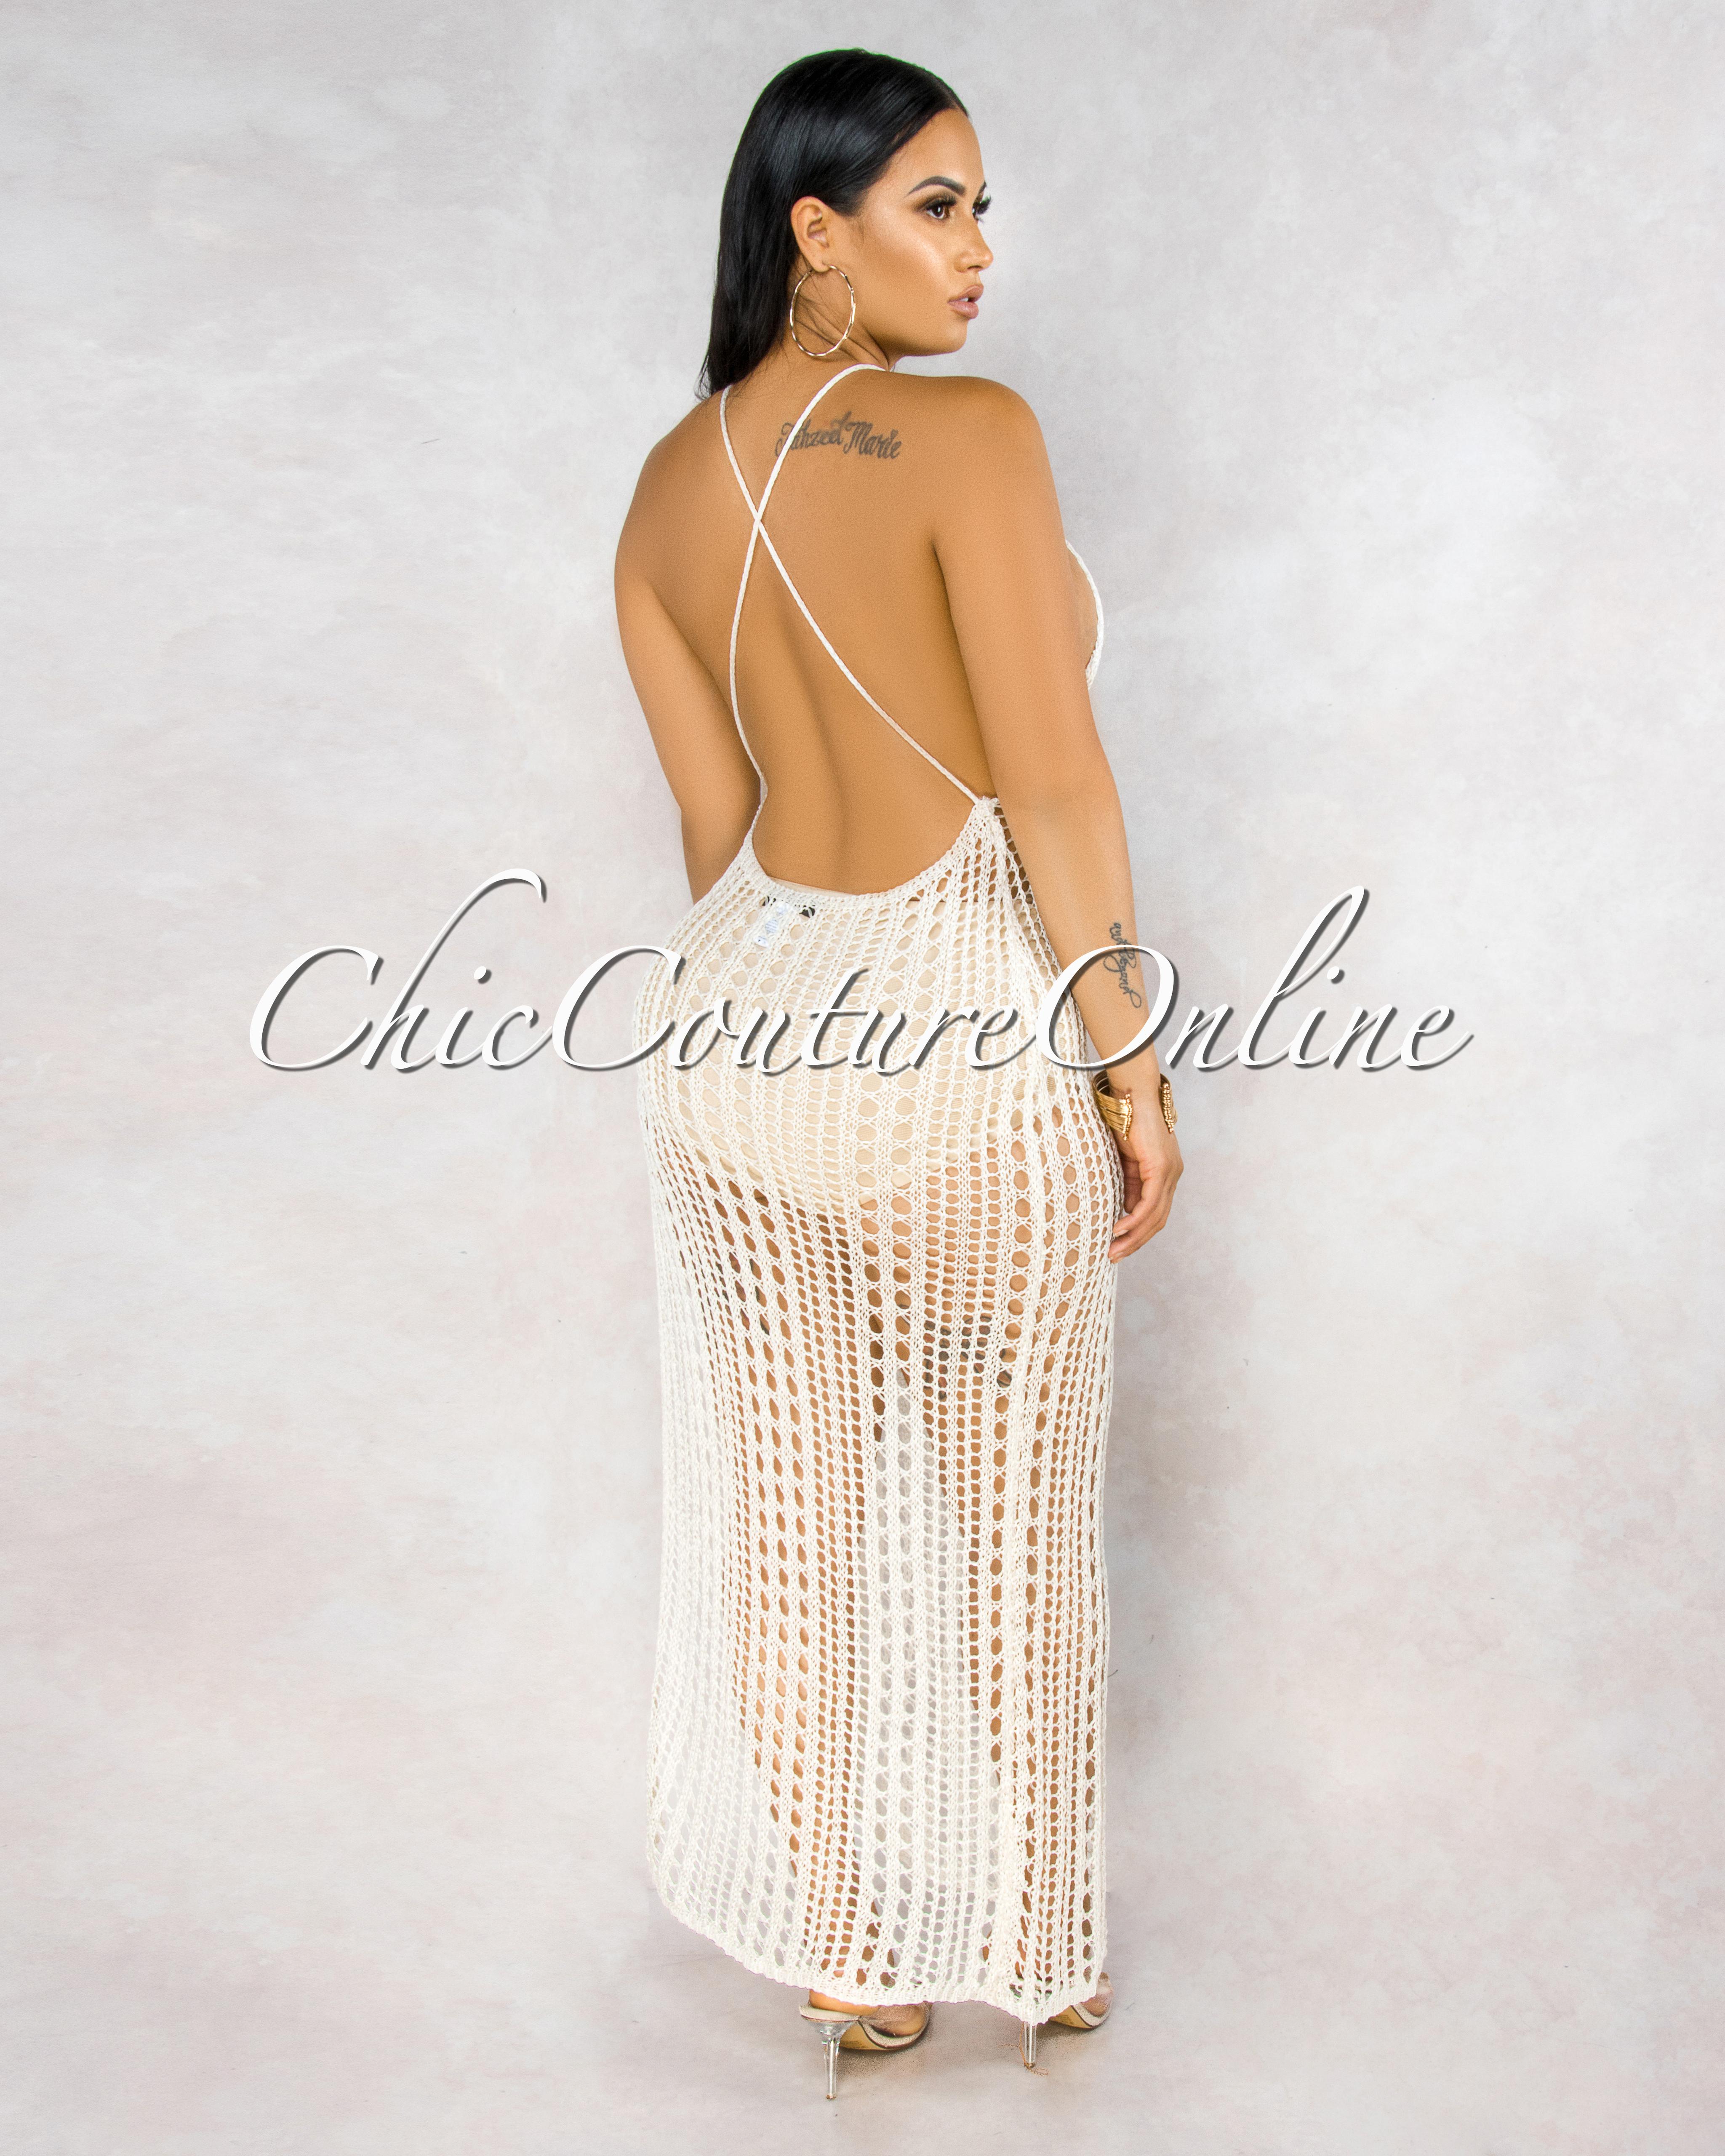 Safiat Ivory Shine Crochet Cover-Up Open Back Dress